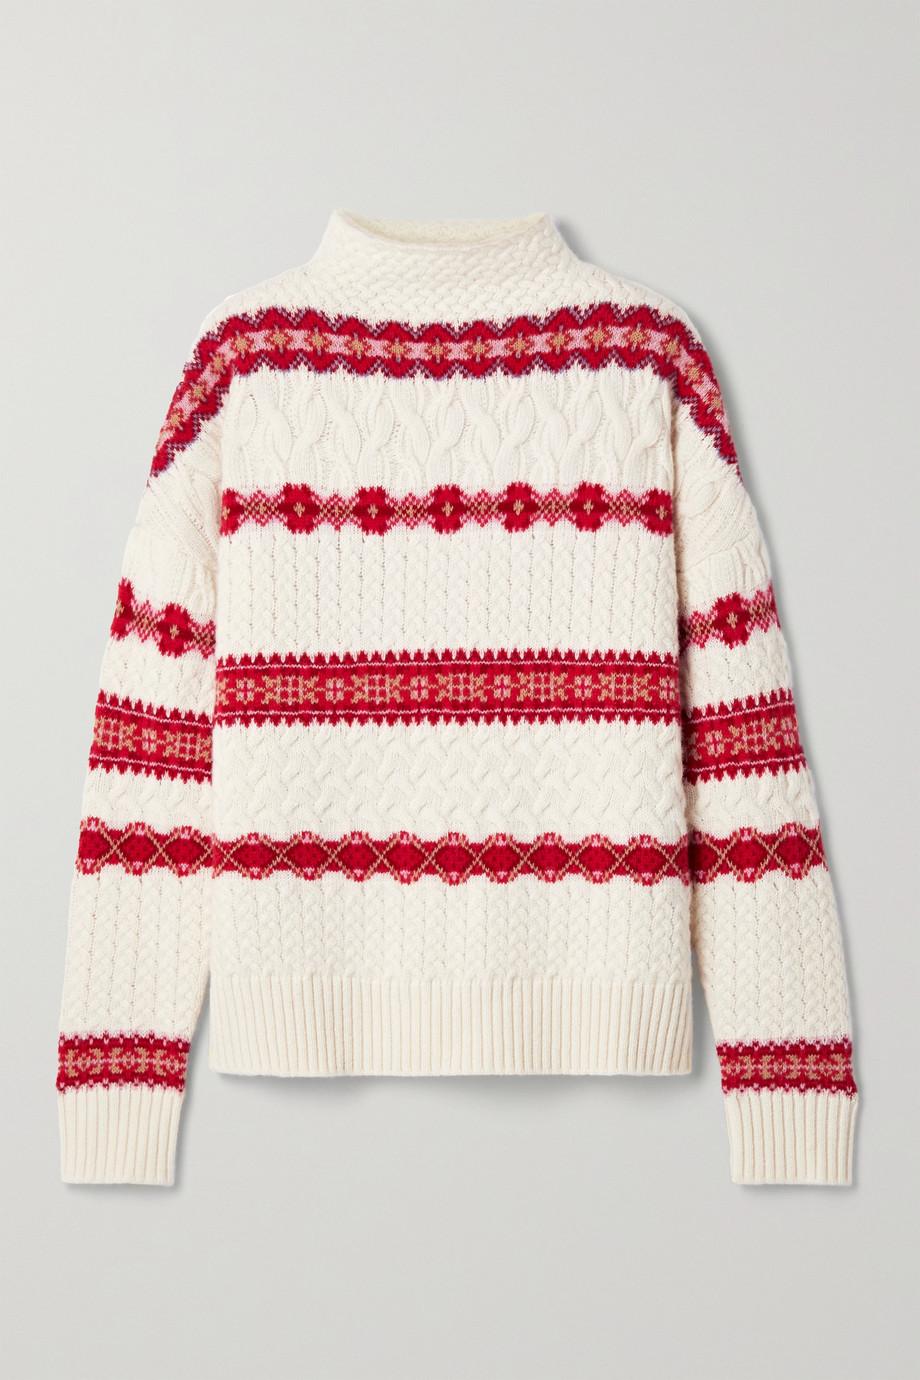 Altuzarra Jac 费尔岛杂色针织绞花针织羊毛高领毛衣